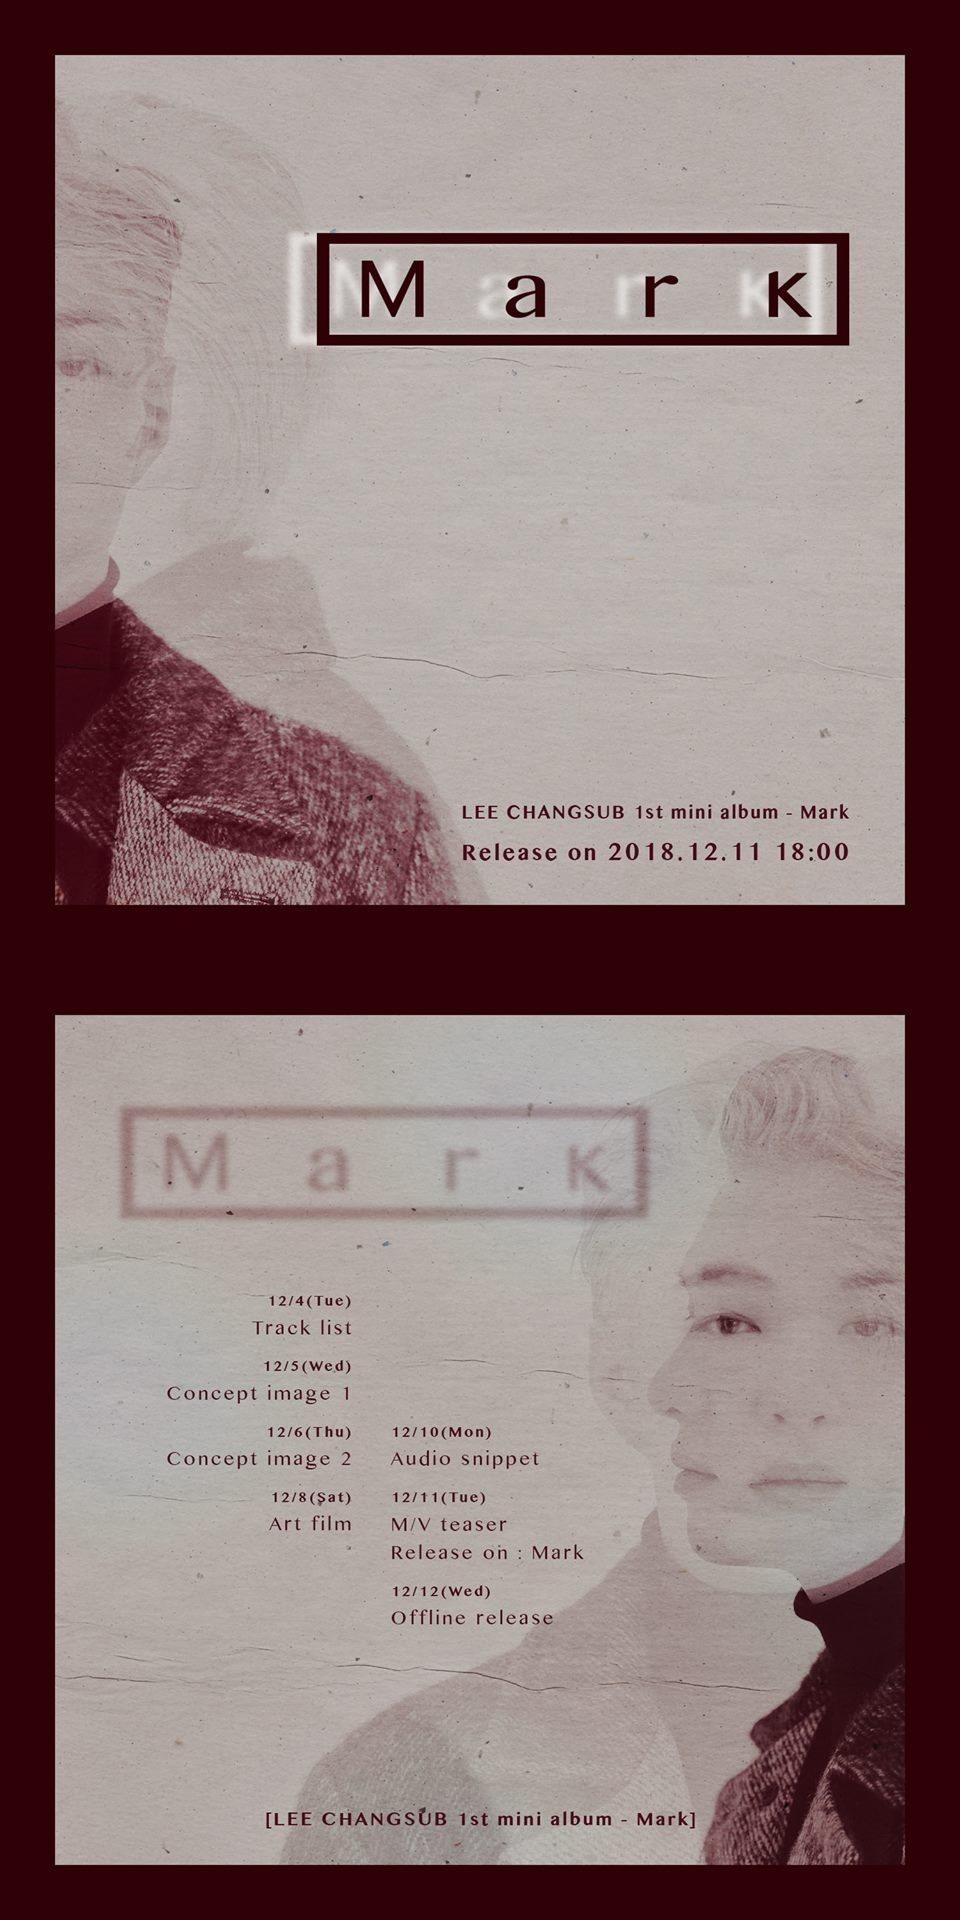 12月11日 李昌燮 BTOB成員李昌燮也將發行首張個人專輯《Mark》,雖然經常看到他搞笑的樣子,唱起歌來卻是深情十足!公開的預告中,復古風格的照片讓人更好奇李昌燮的新曲!